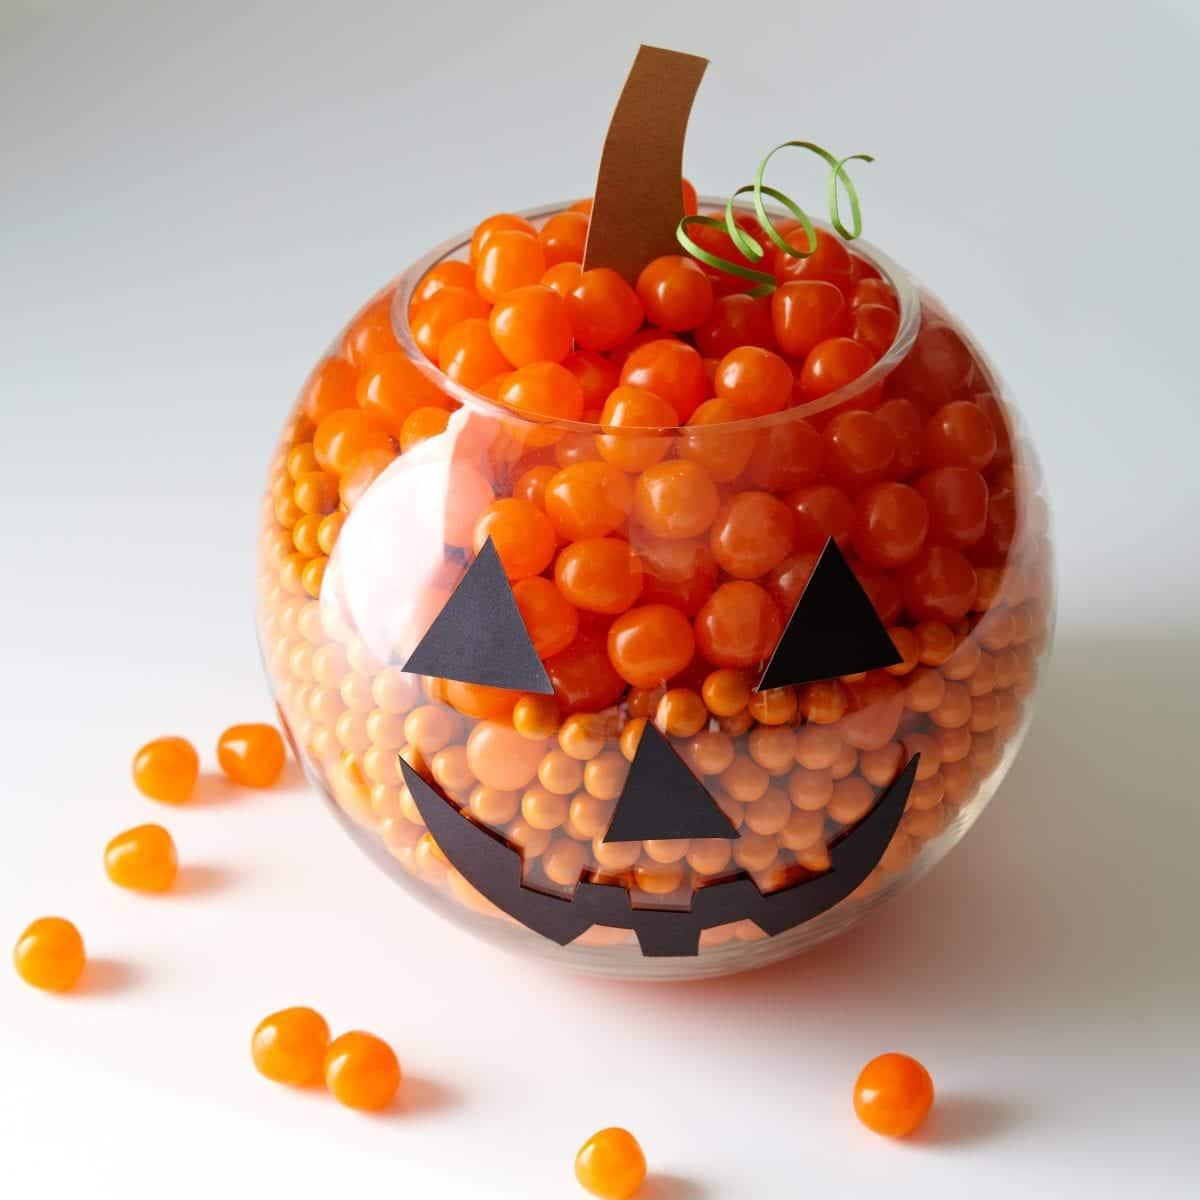 orange-candy-pumpkin-centerpiece-074